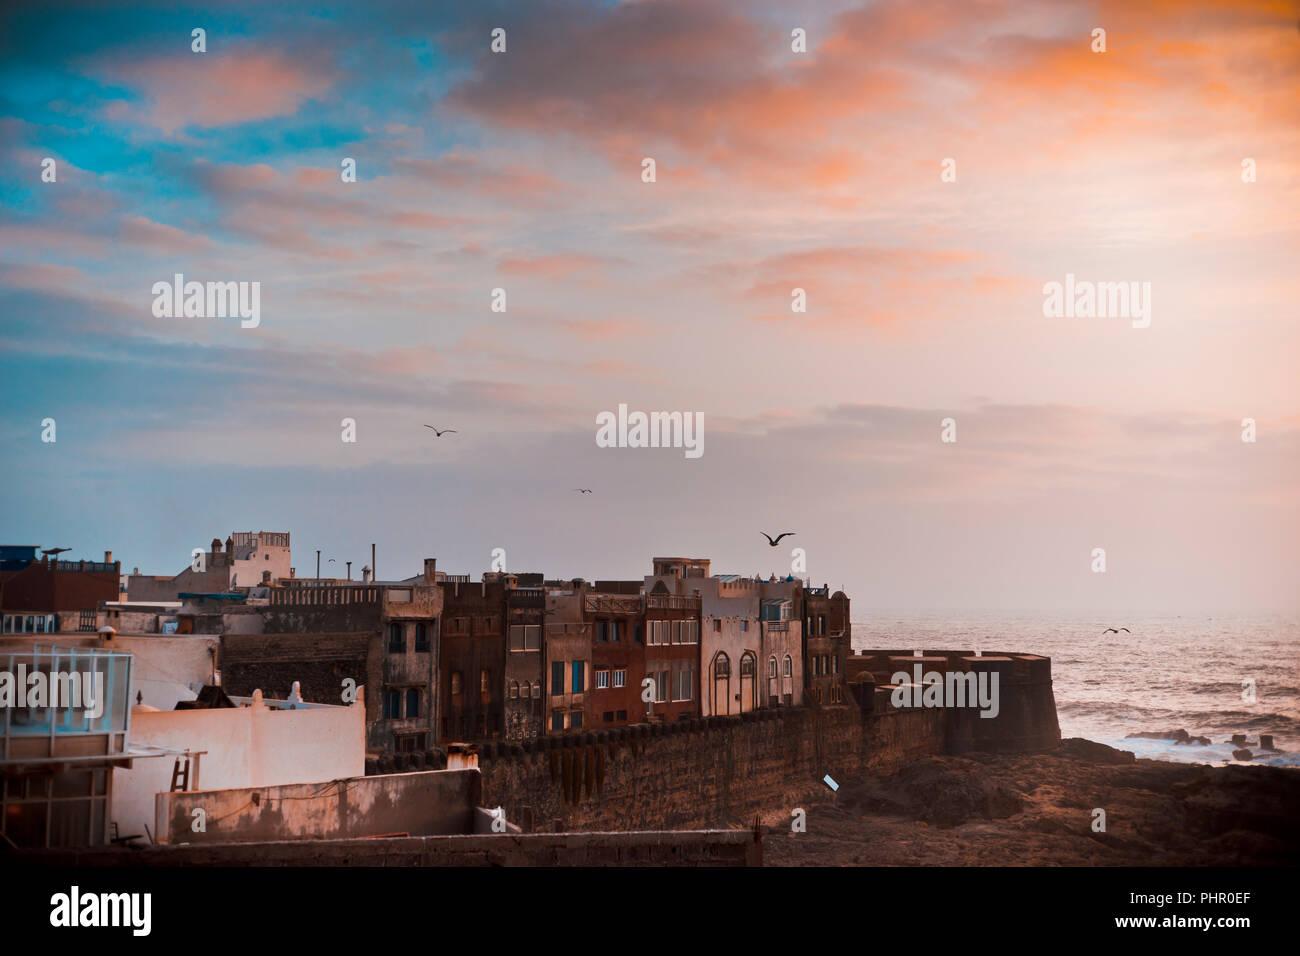 Panorama der  Hafenstadt Essaouira an der Atlantikküste in Marokko - Stock Image